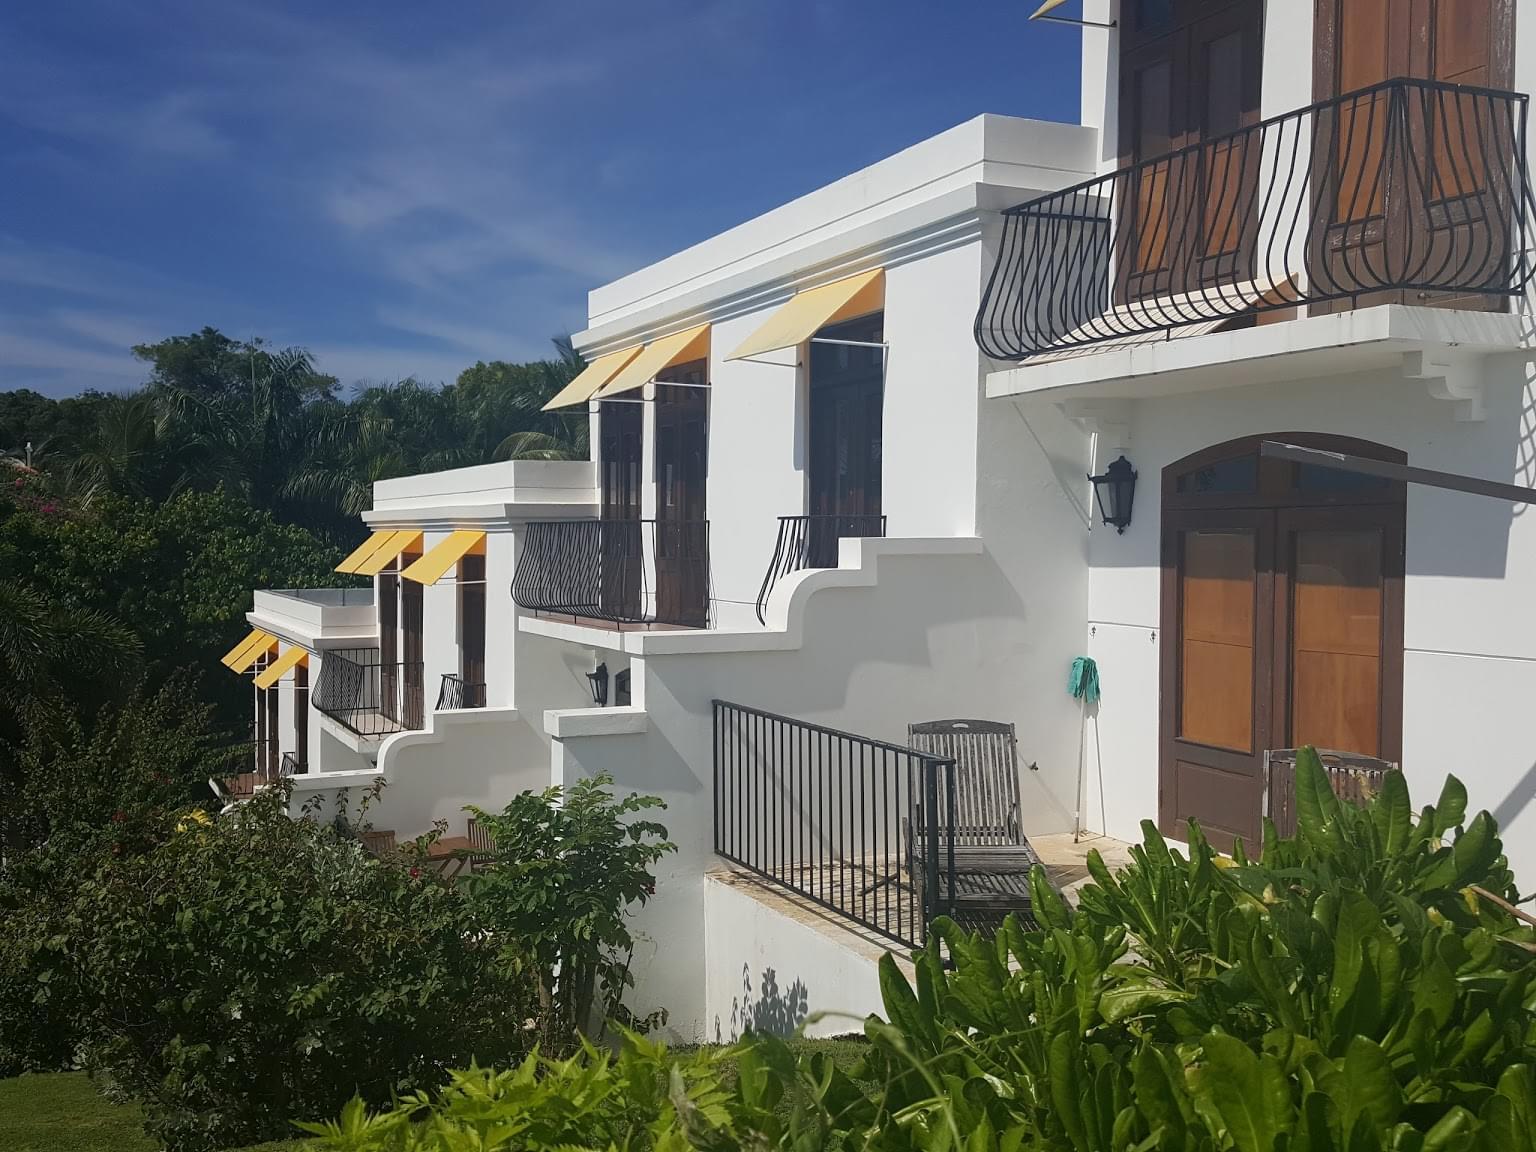 Horned Dorset Primavera – Rincón, Puerto Rico – See-Inside Hotel